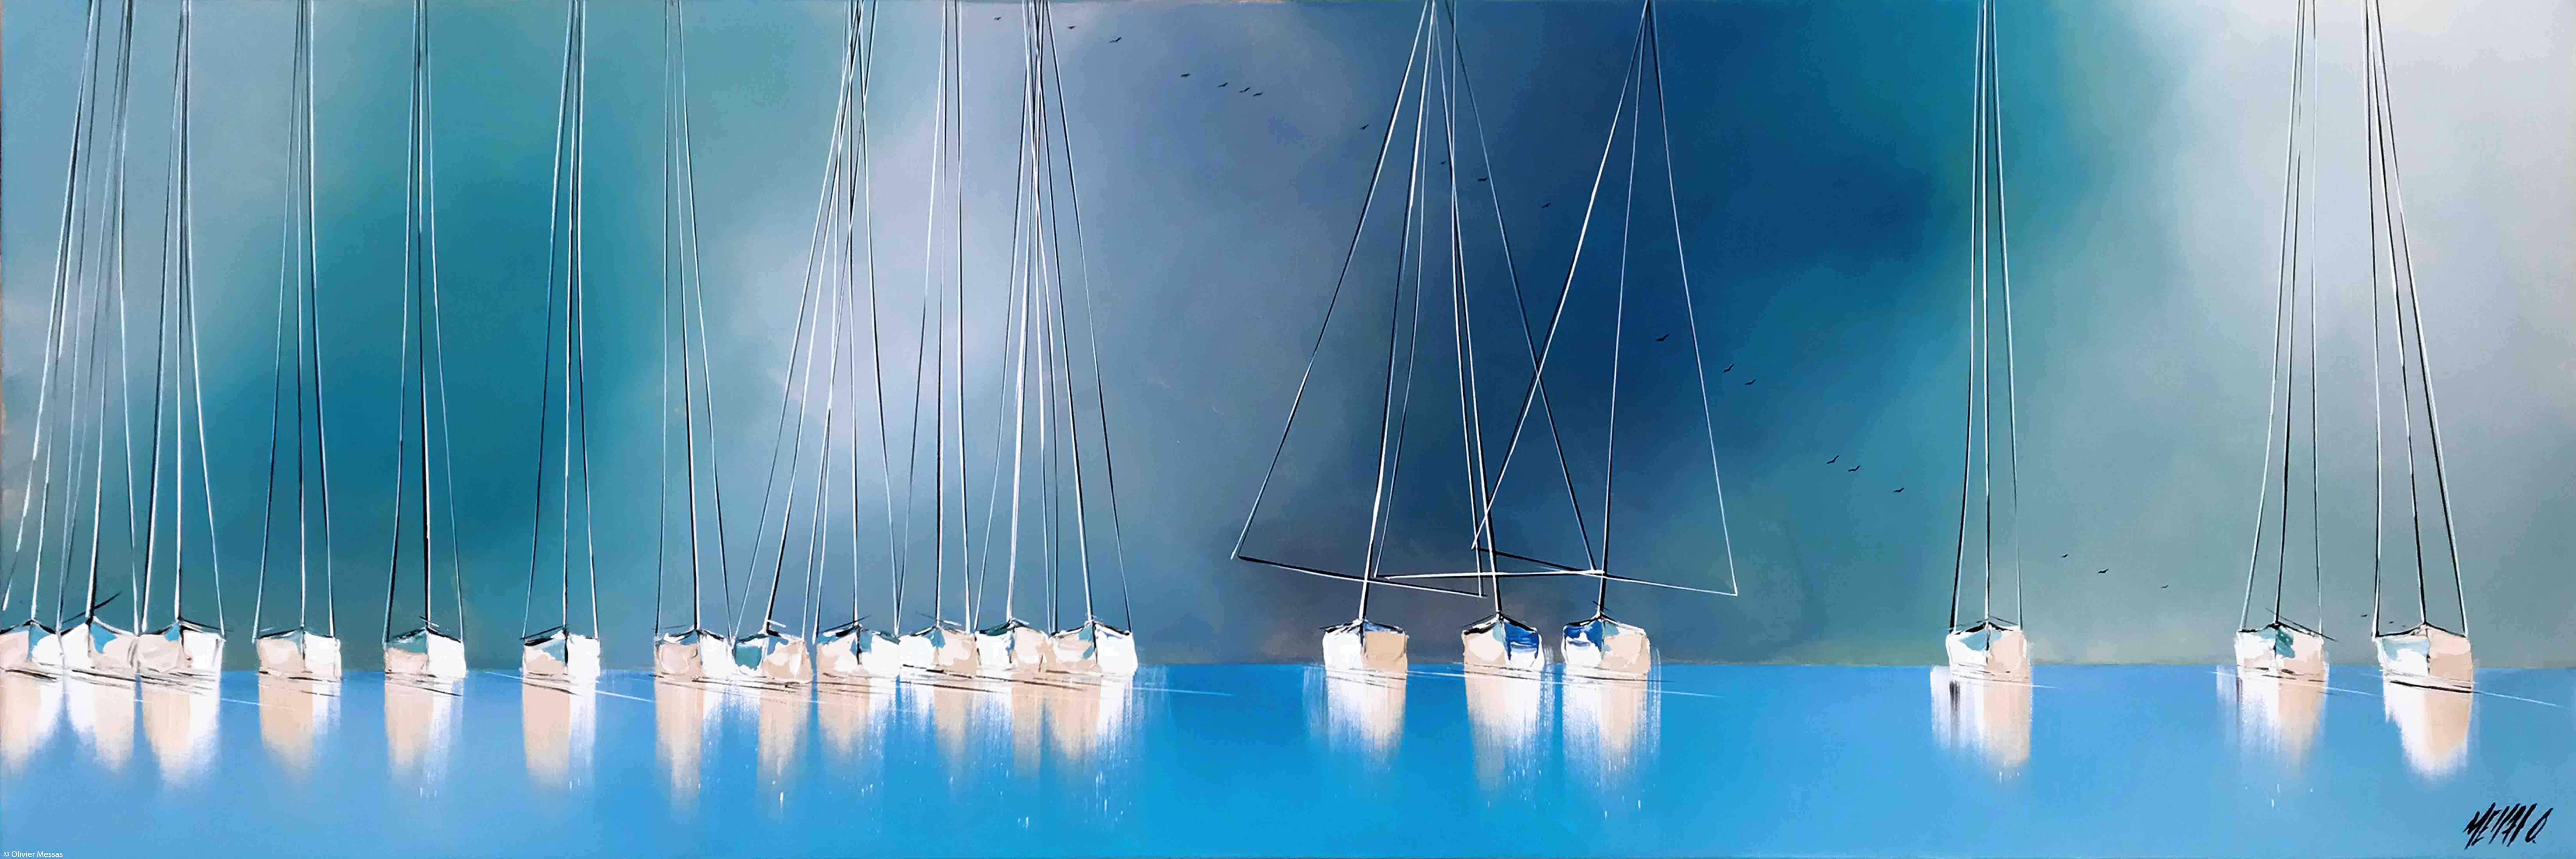 Le chant des mâts... III | 50x150cm